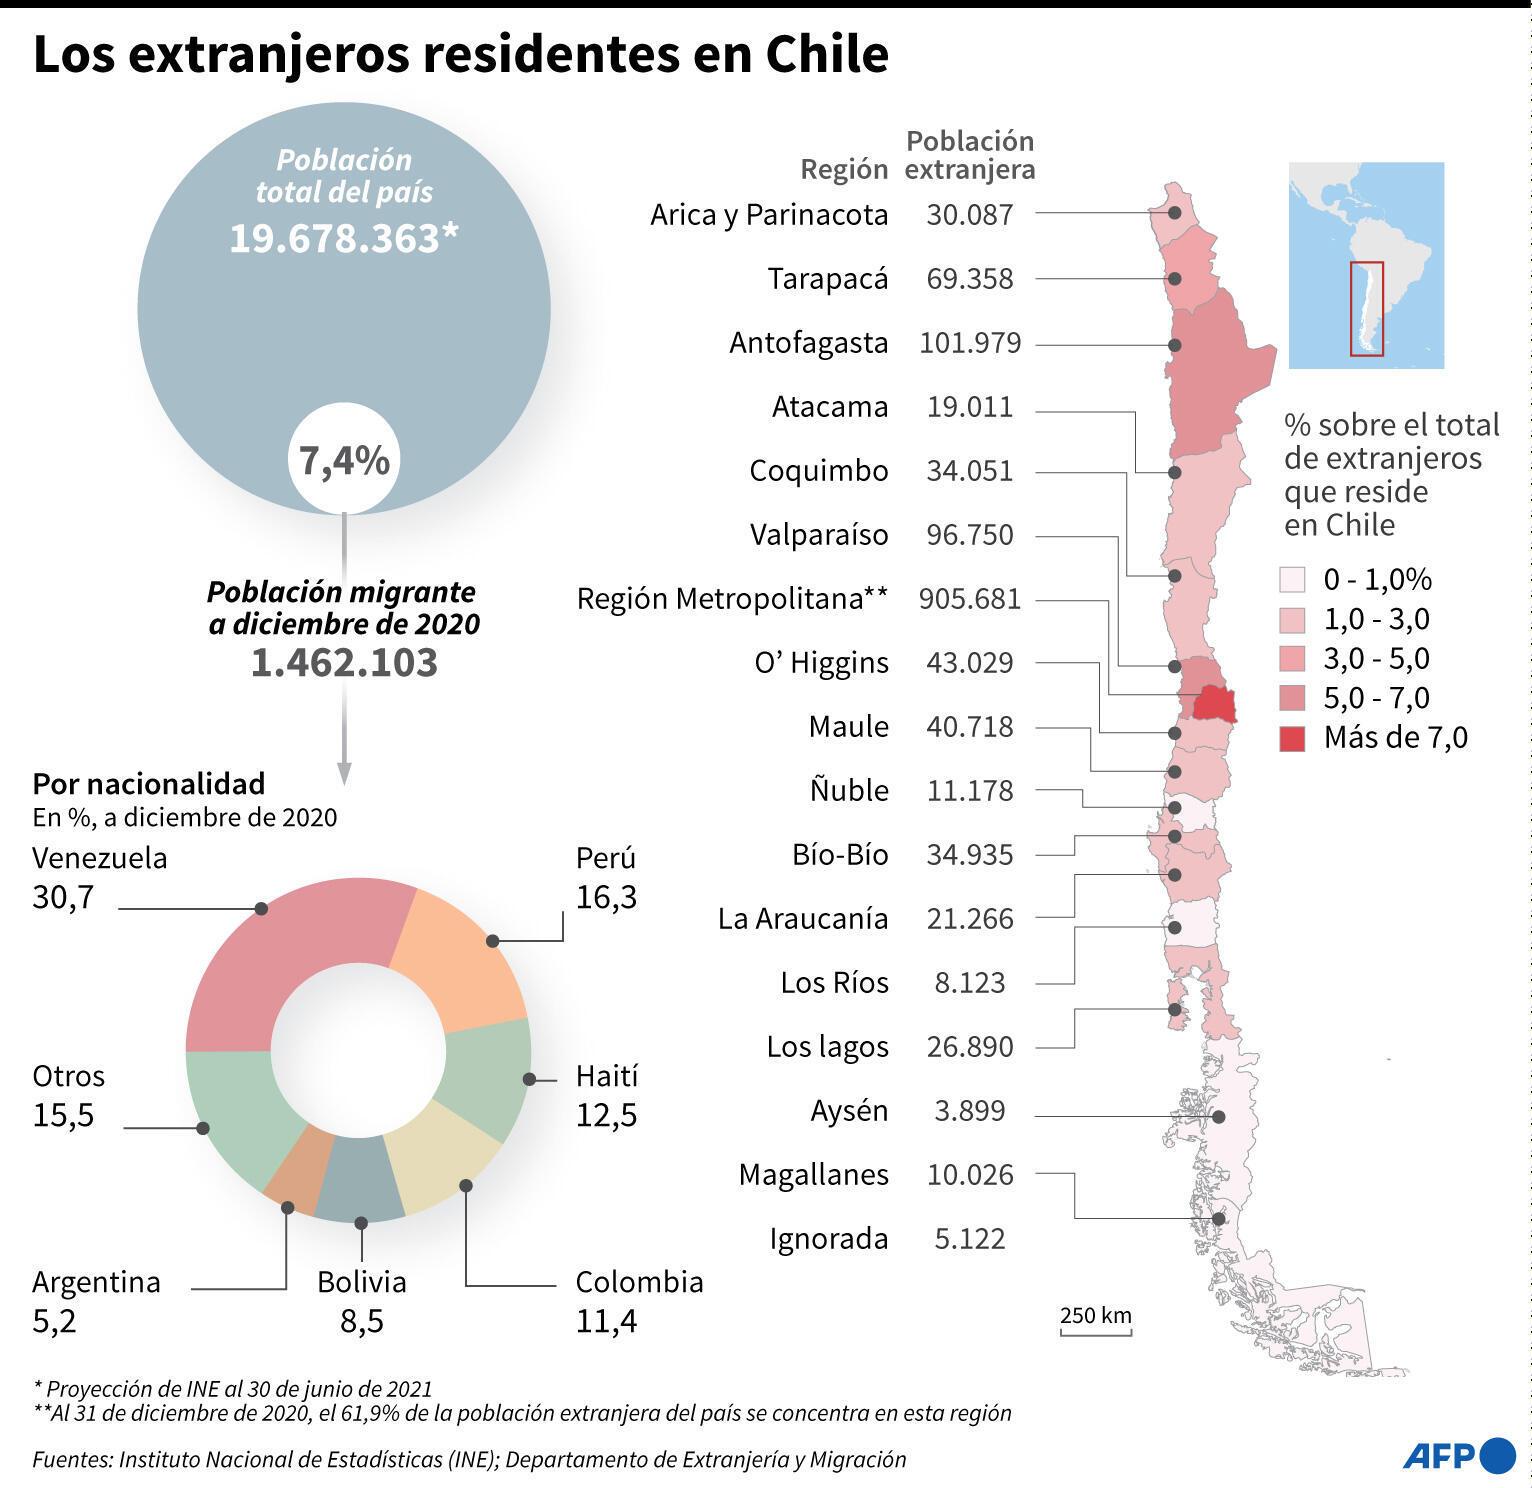 Los extranjeros residentes en Chile